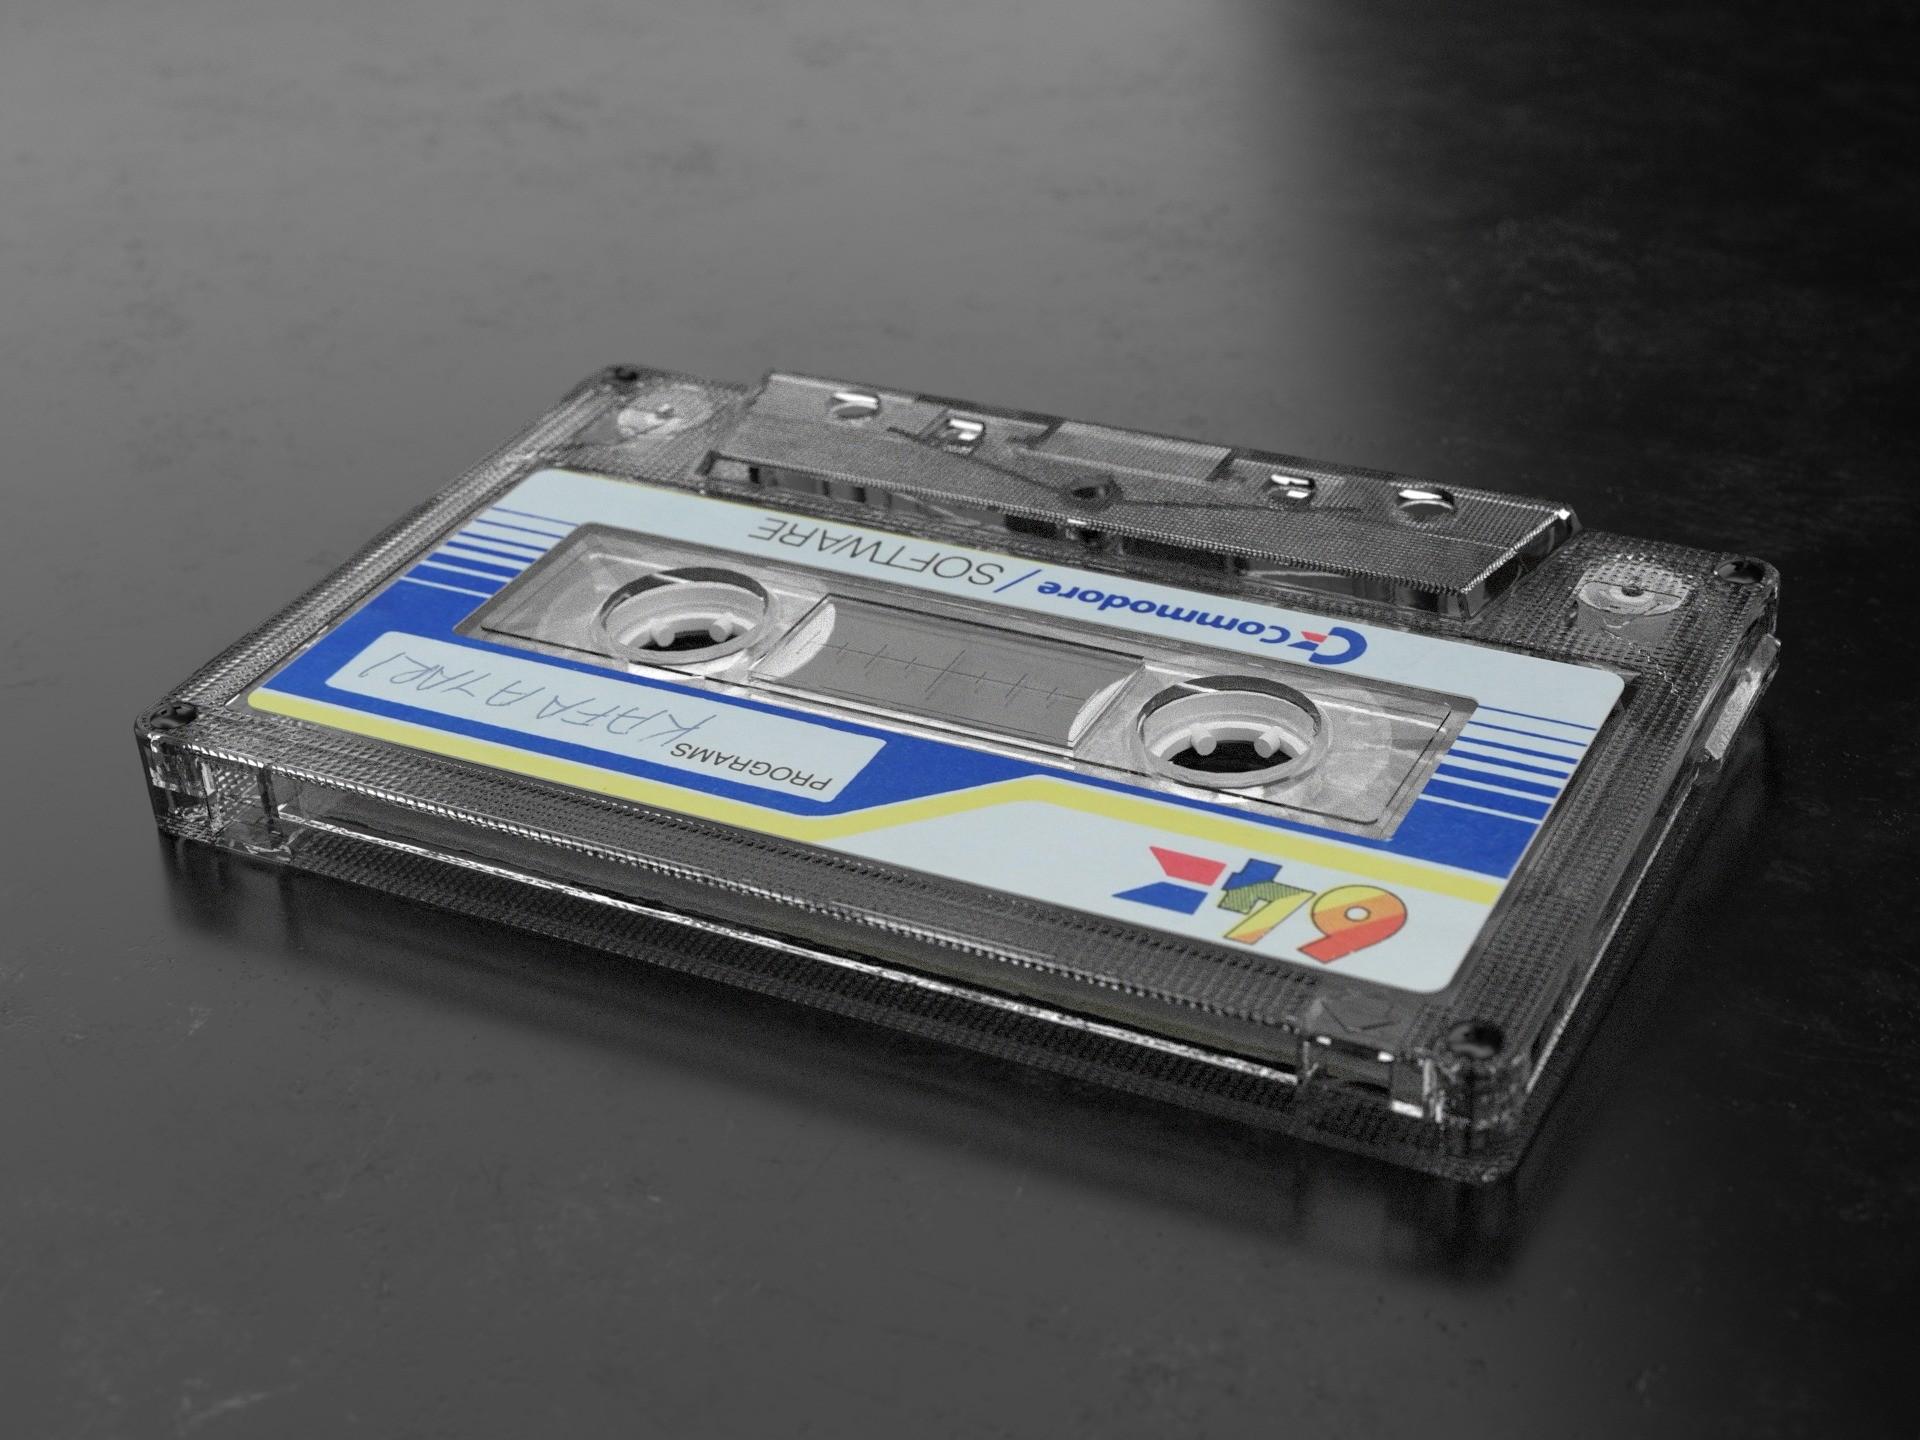 Cem tezcan cassette 00004